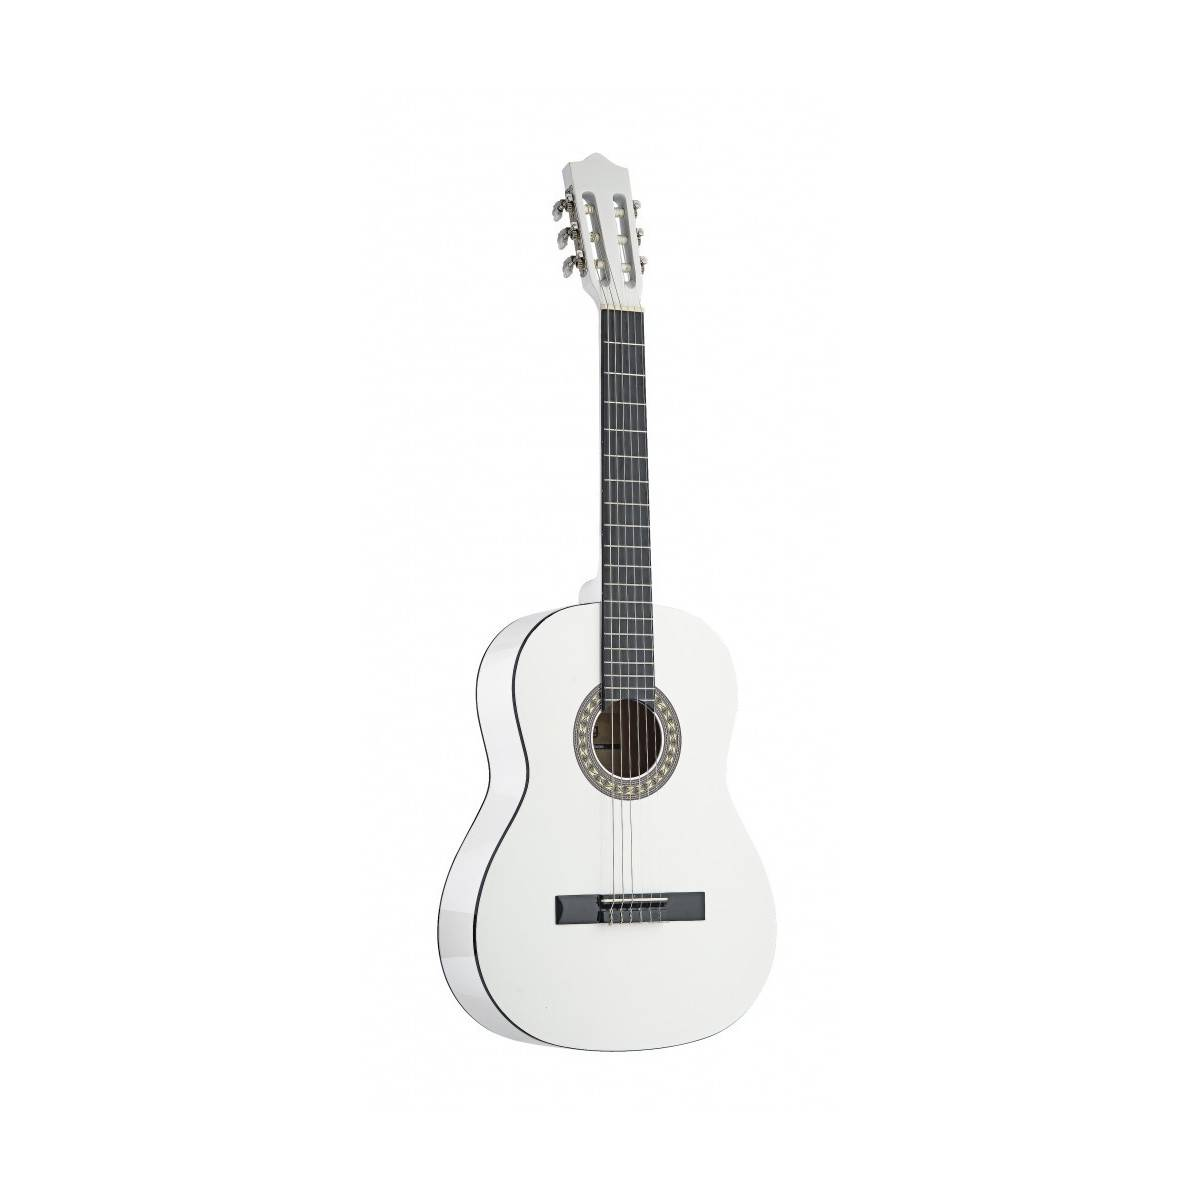 Guitare Enfant 1/4 Classique - Blanc